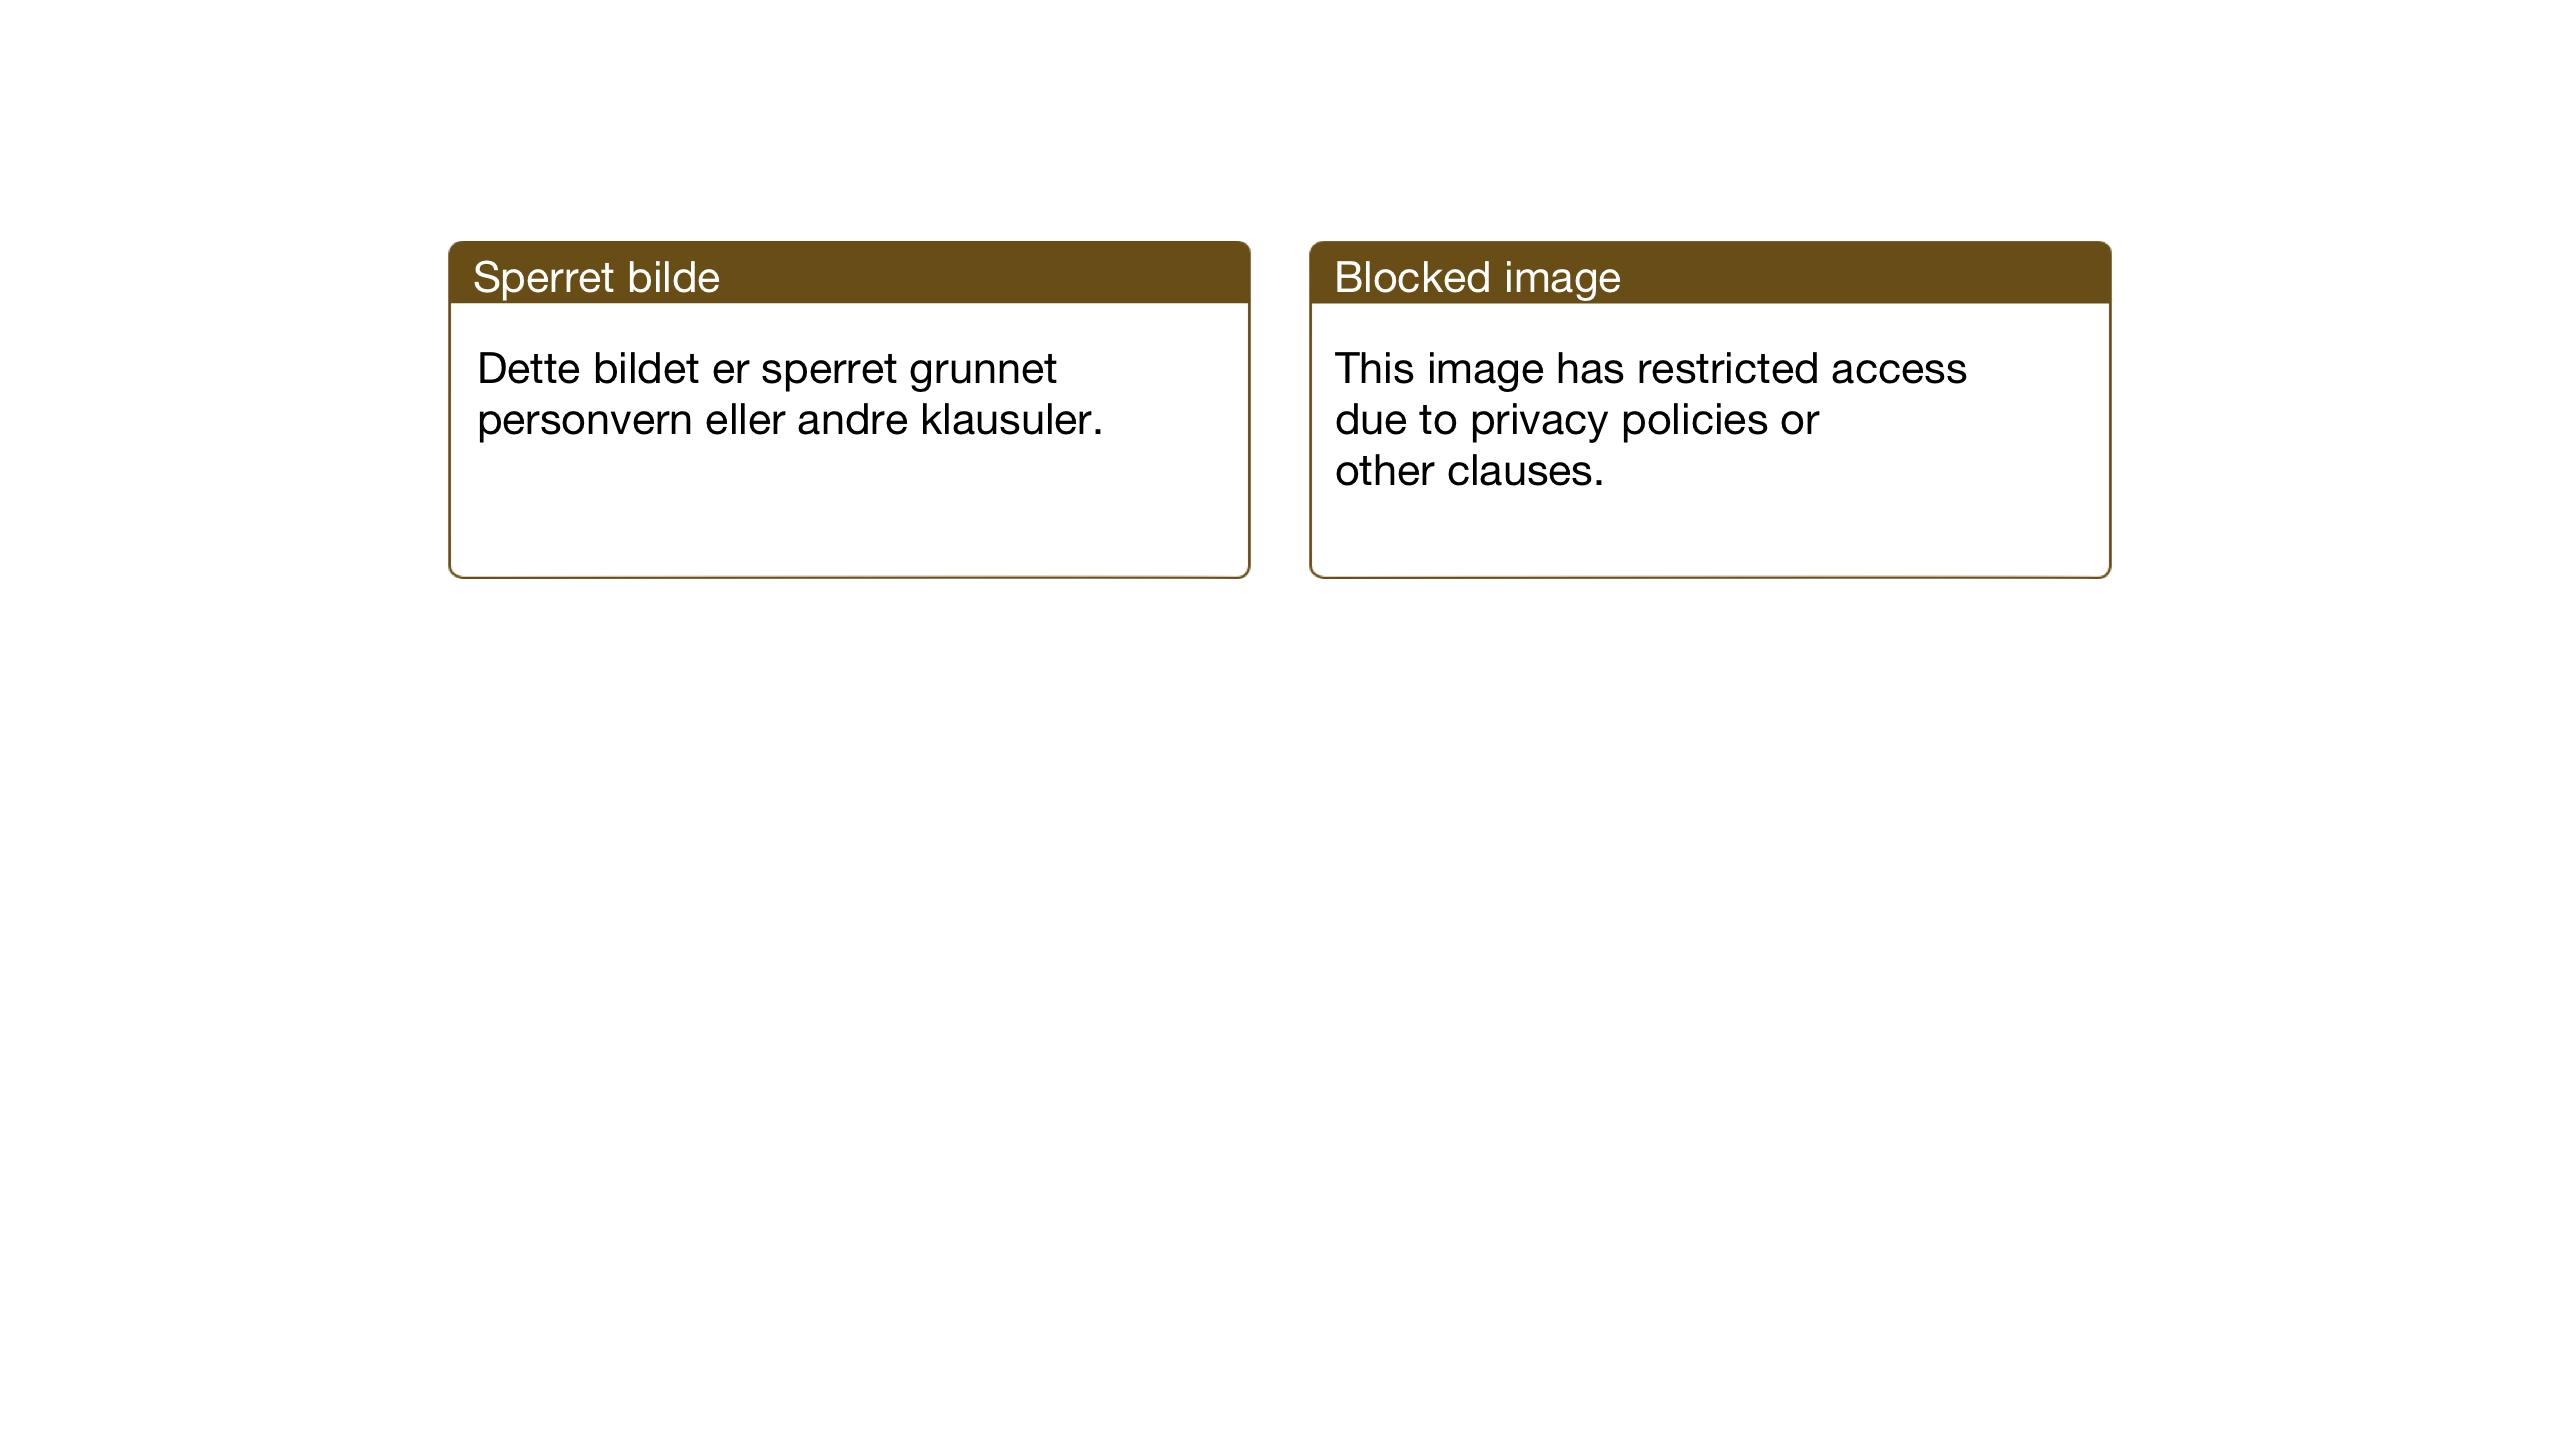 SAT, Ministerialprotokoller, klokkerbøker og fødselsregistre - Sør-Trøndelag, 608/L0343: Klokkerbok nr. 608C09, 1938-1952, s. 4